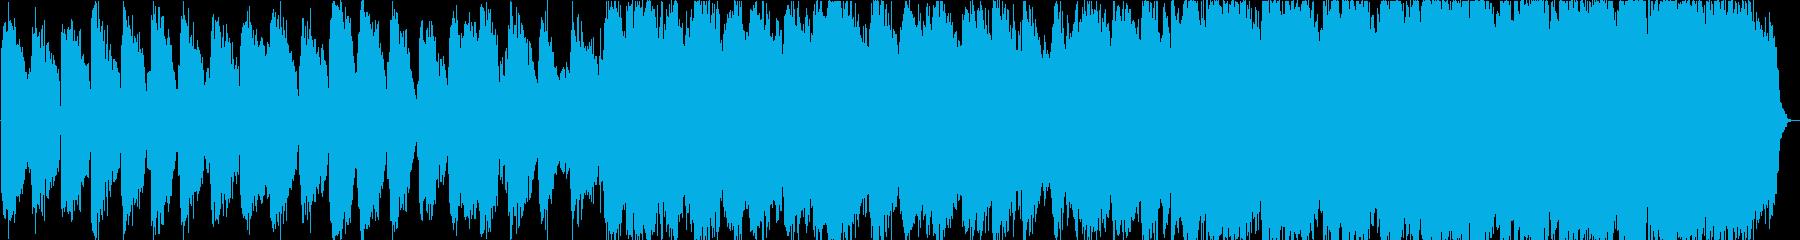 自然の笛のヒーリングミュージックの再生済みの波形